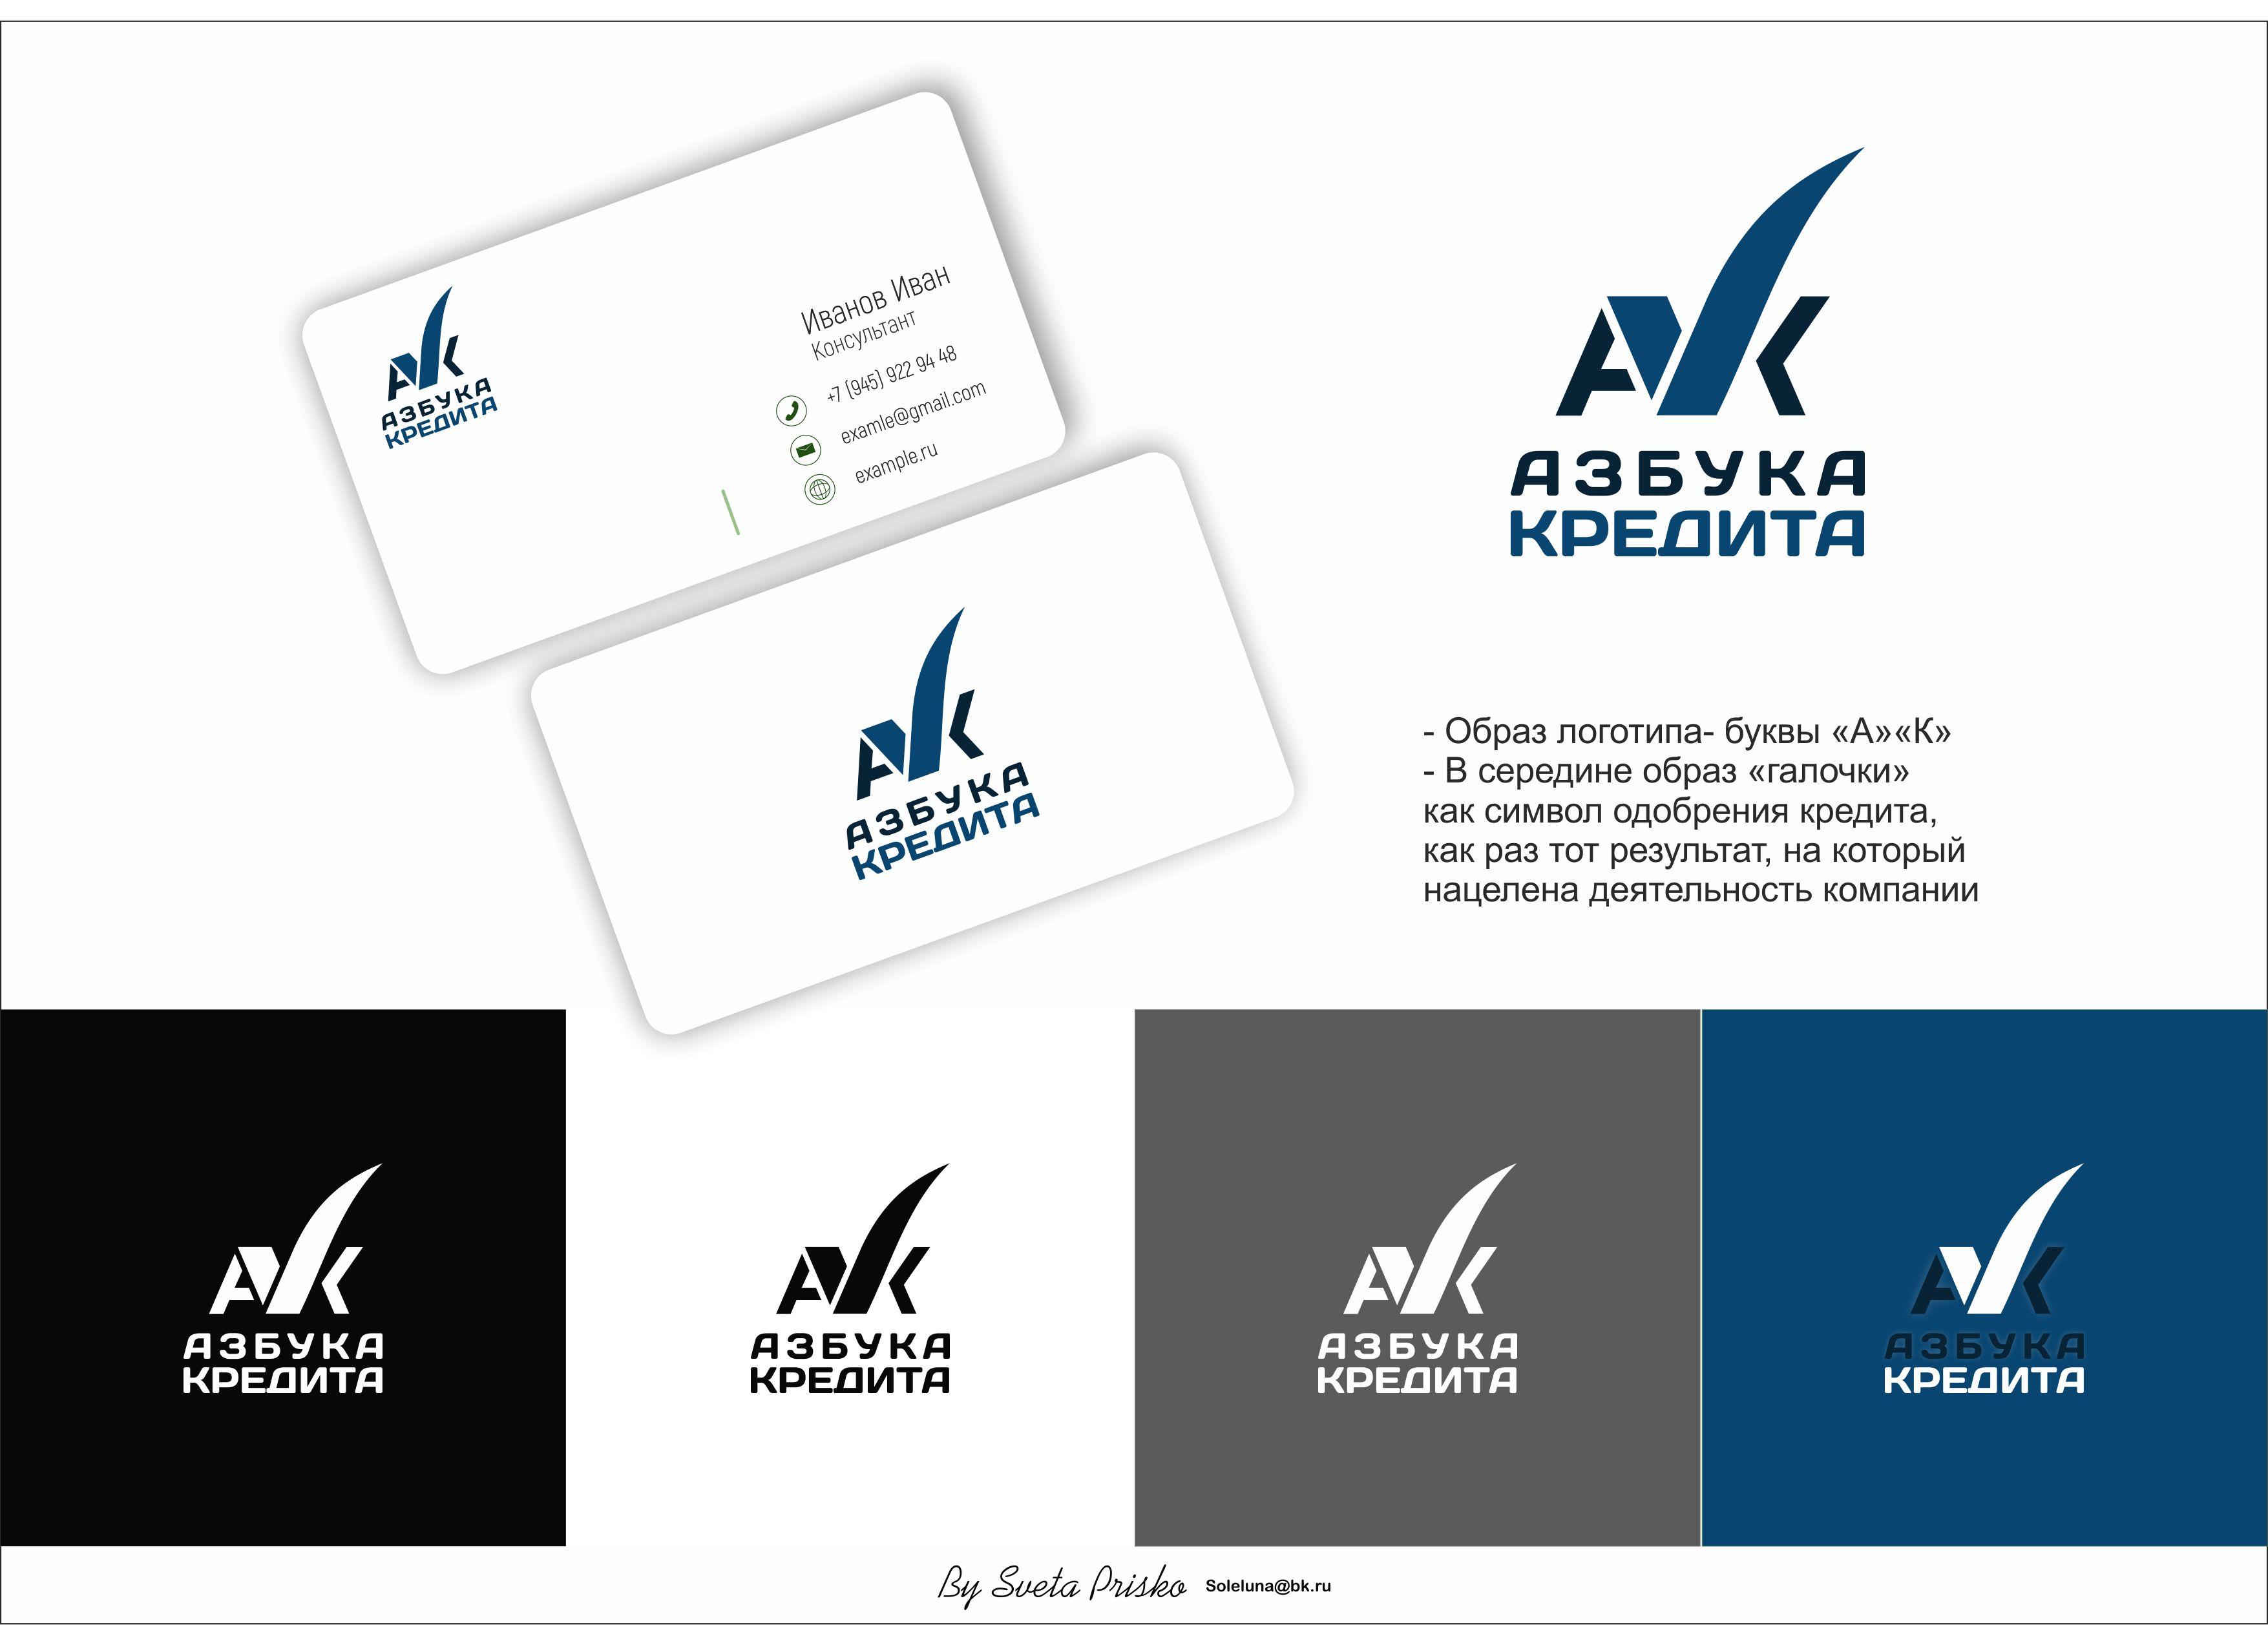 Разработать логотип для финансовой компании фото f_9485deff237f1d4f.jpg